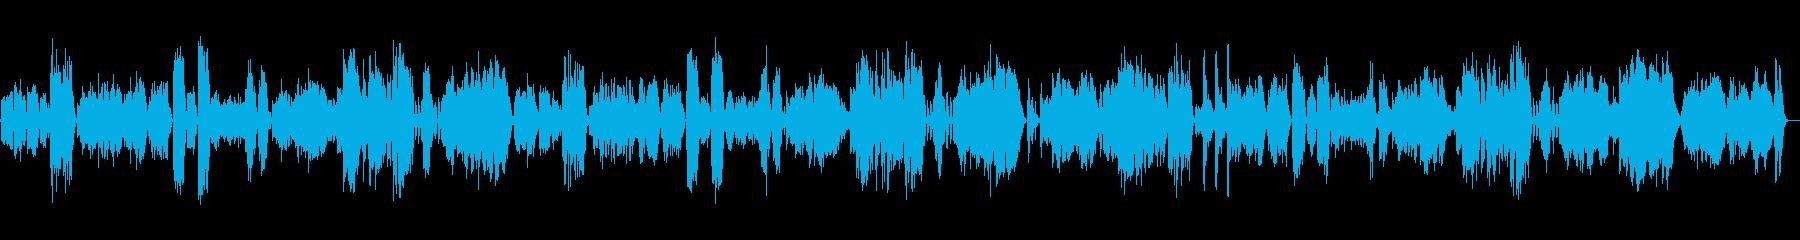 バイオリンソナタK.304 第1楽章の再生済みの波形